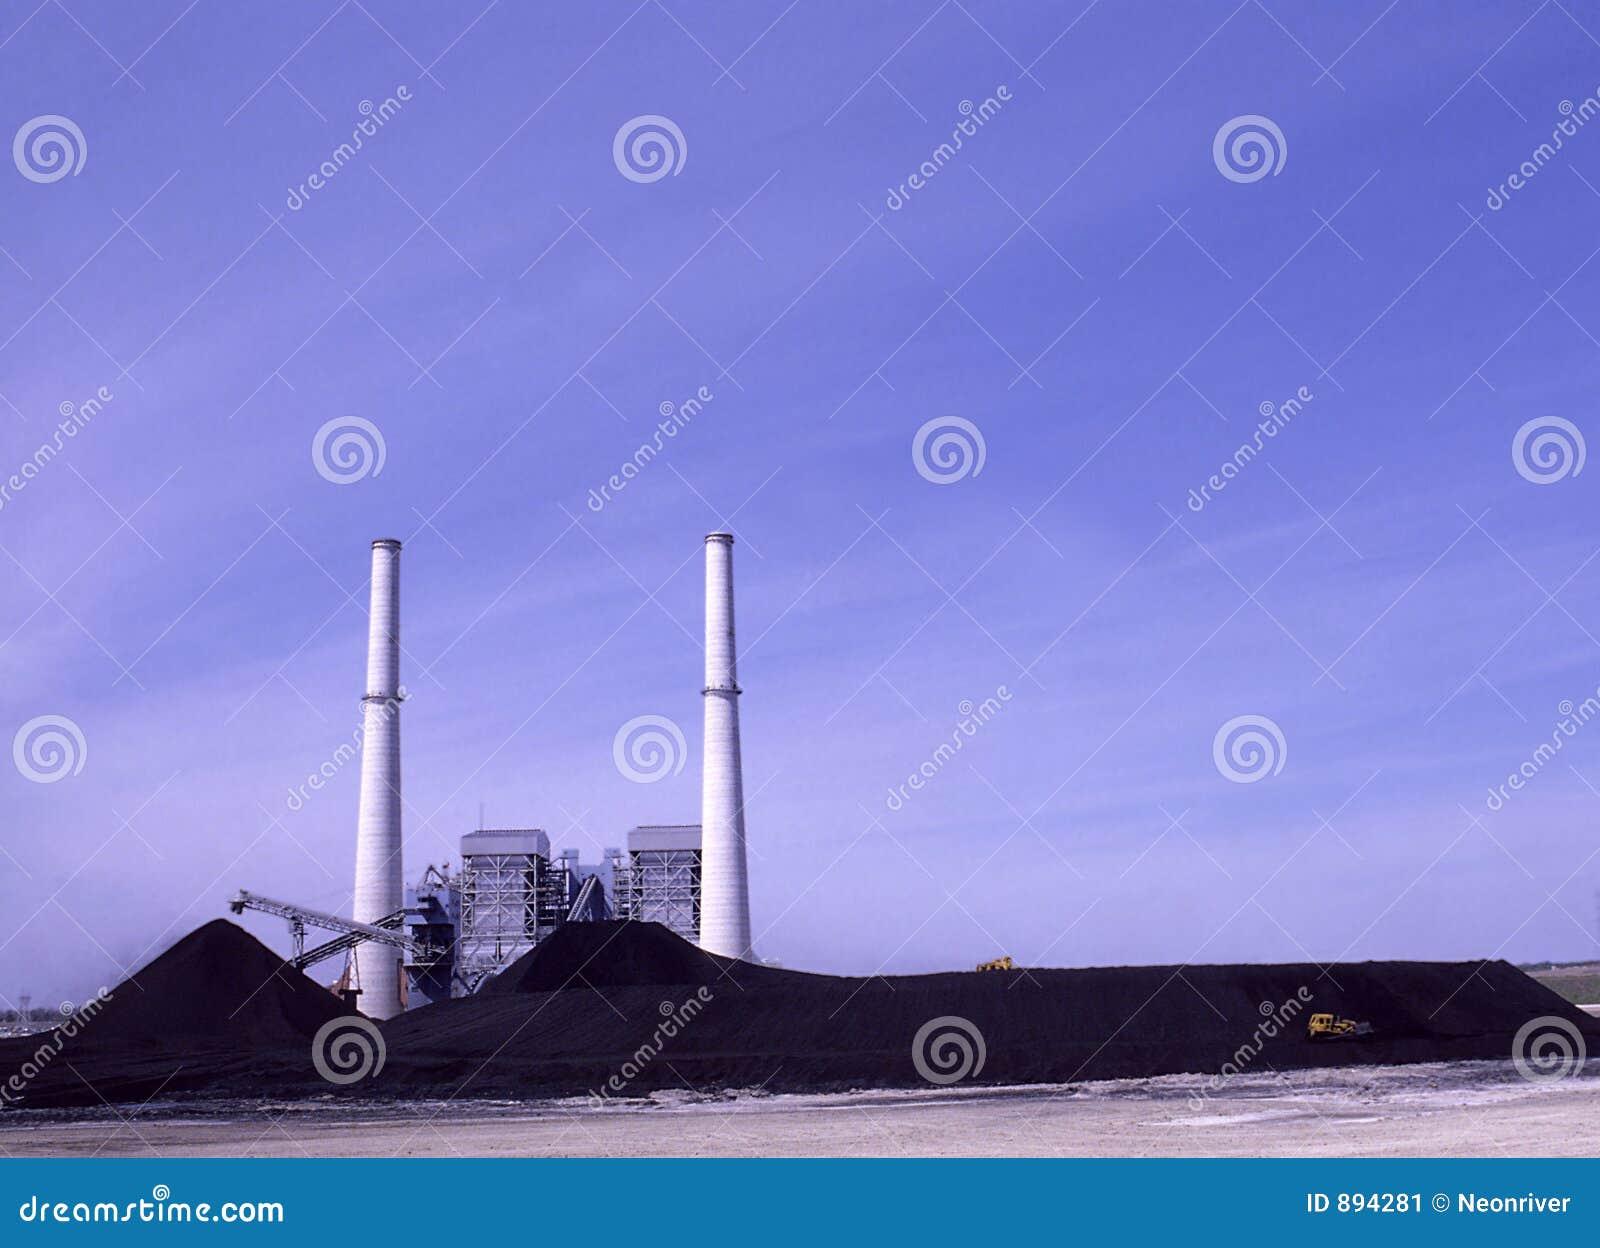 Władze węgla